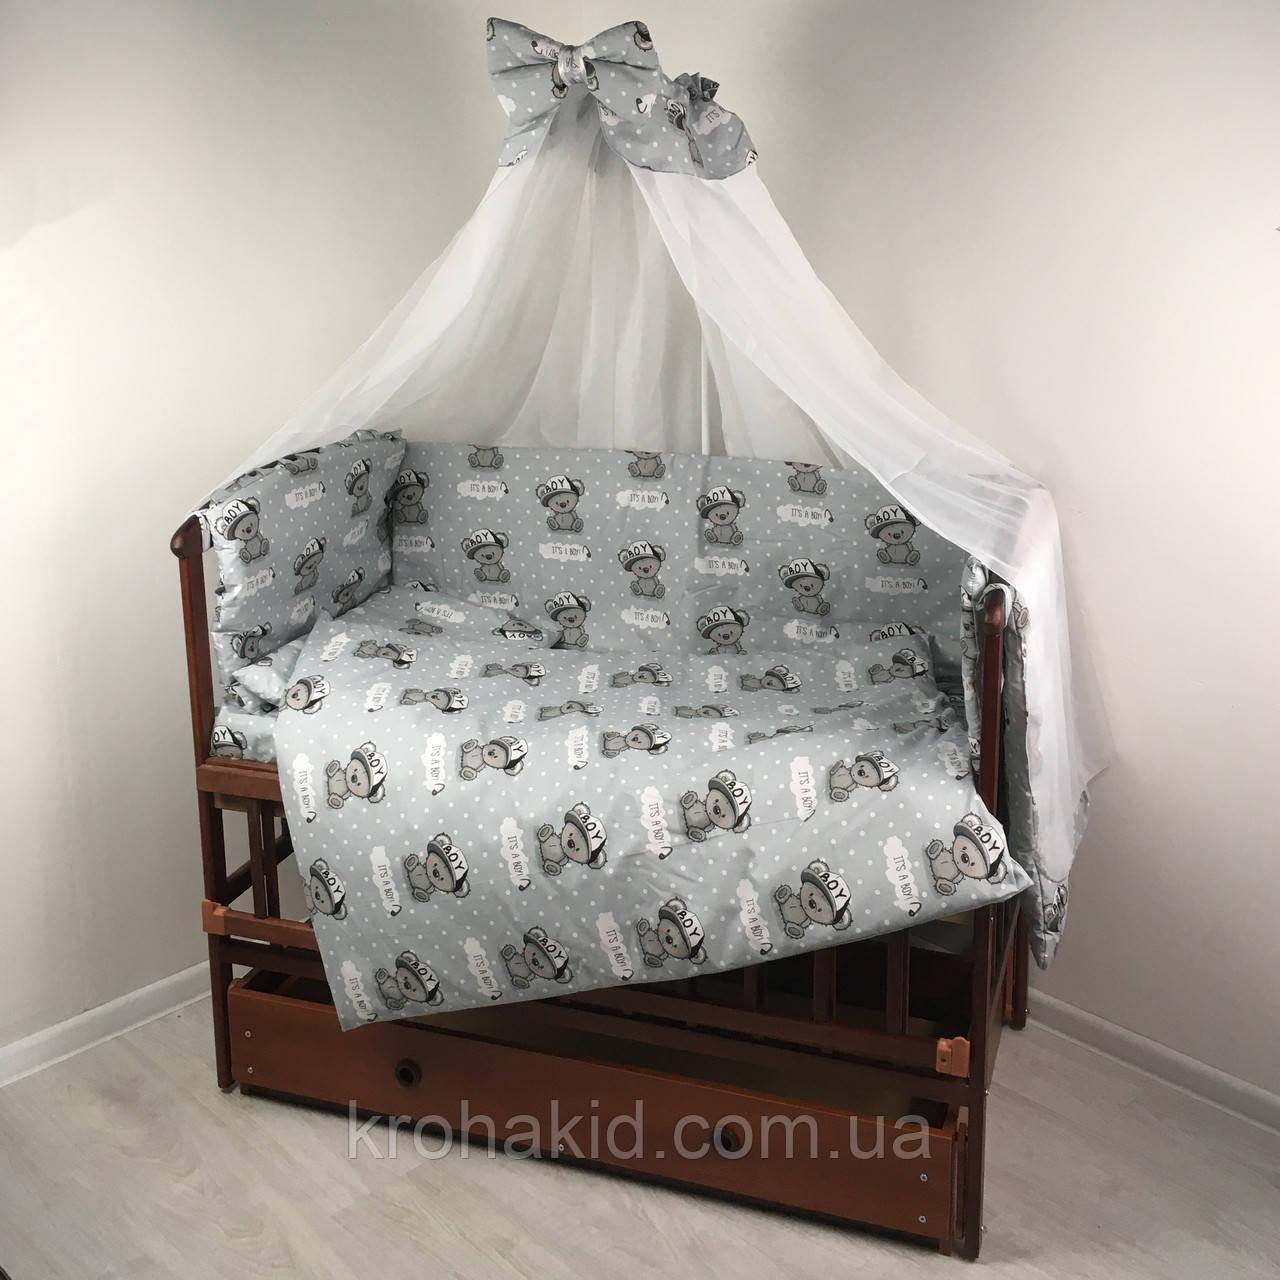 """Набір дитячої постільної білизни в ліжечко """"Тедді"""" - 9 предметів / Бортики в ліжечко / Захист в манеж"""